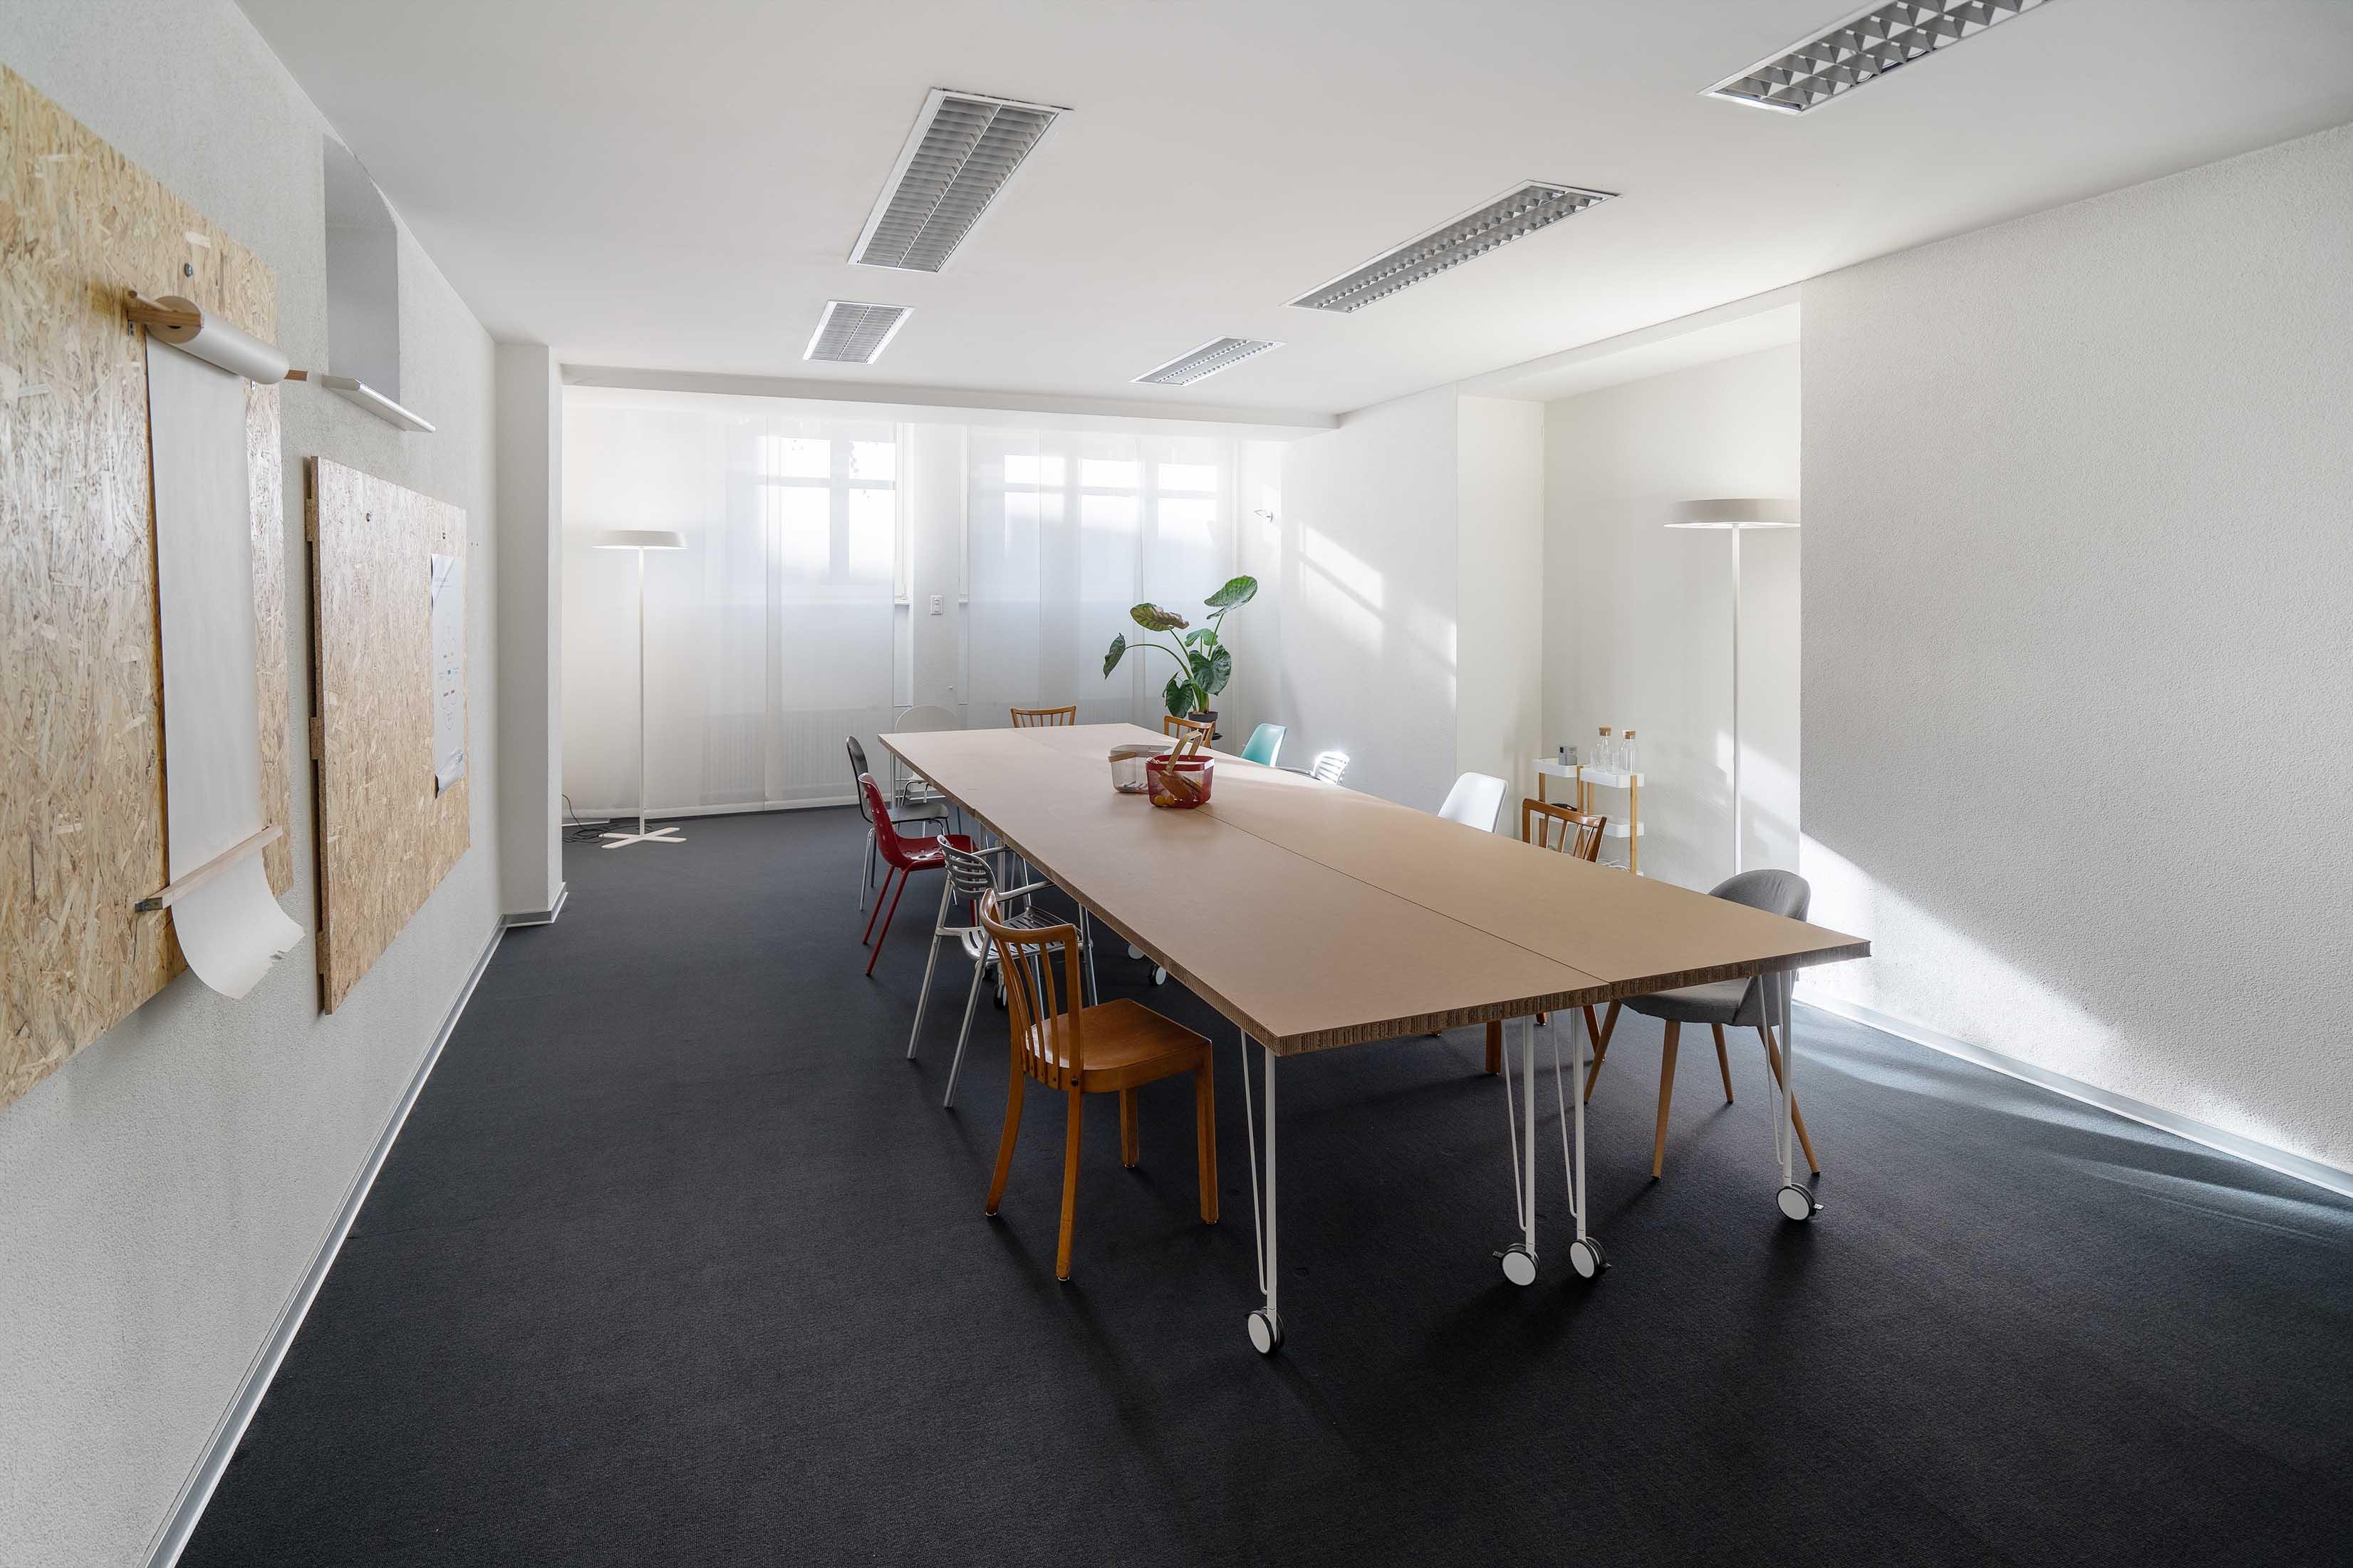 büro mieten arbeitsplätze günstig mieten vermieten arbeiten standort kreis 1 zürich kunsthaus bellevue